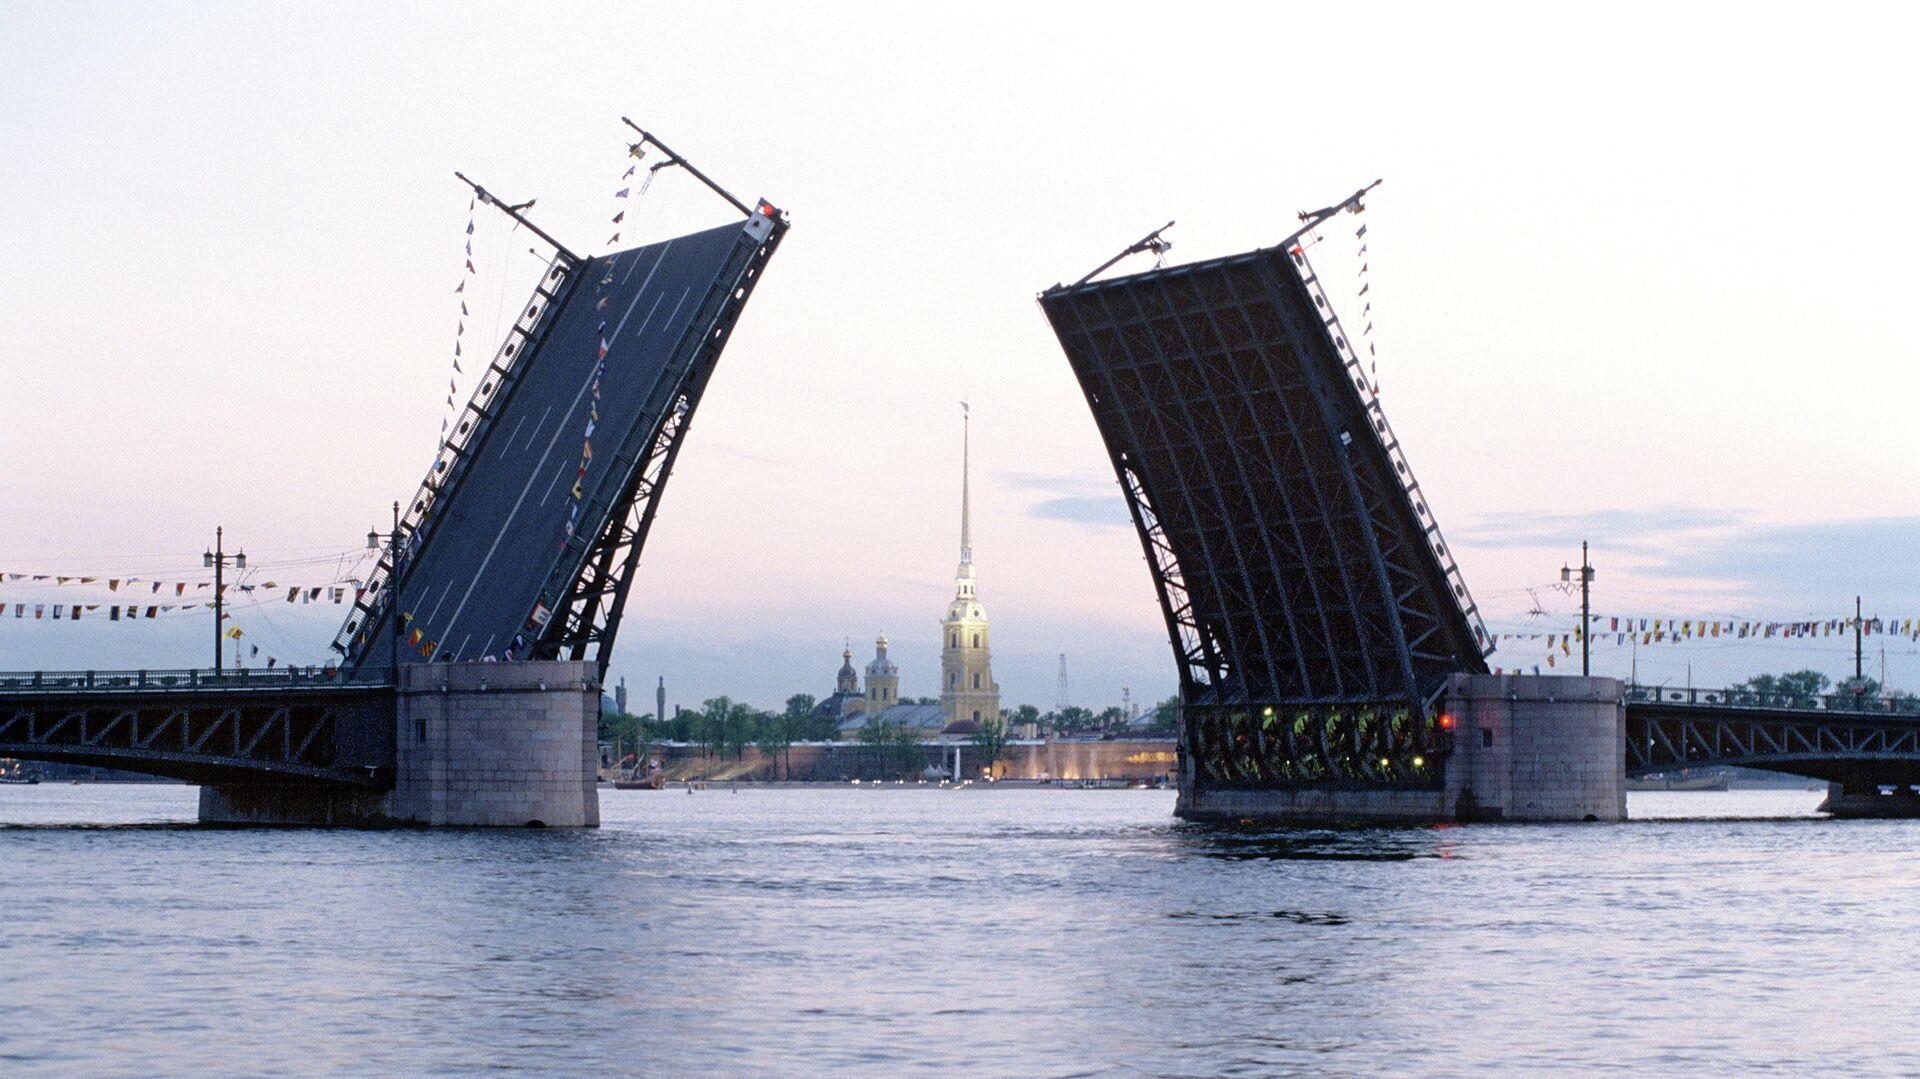 Дворцовый мост в Санкт-Петербурге - РИА Новости, 1920, 07.04.2021